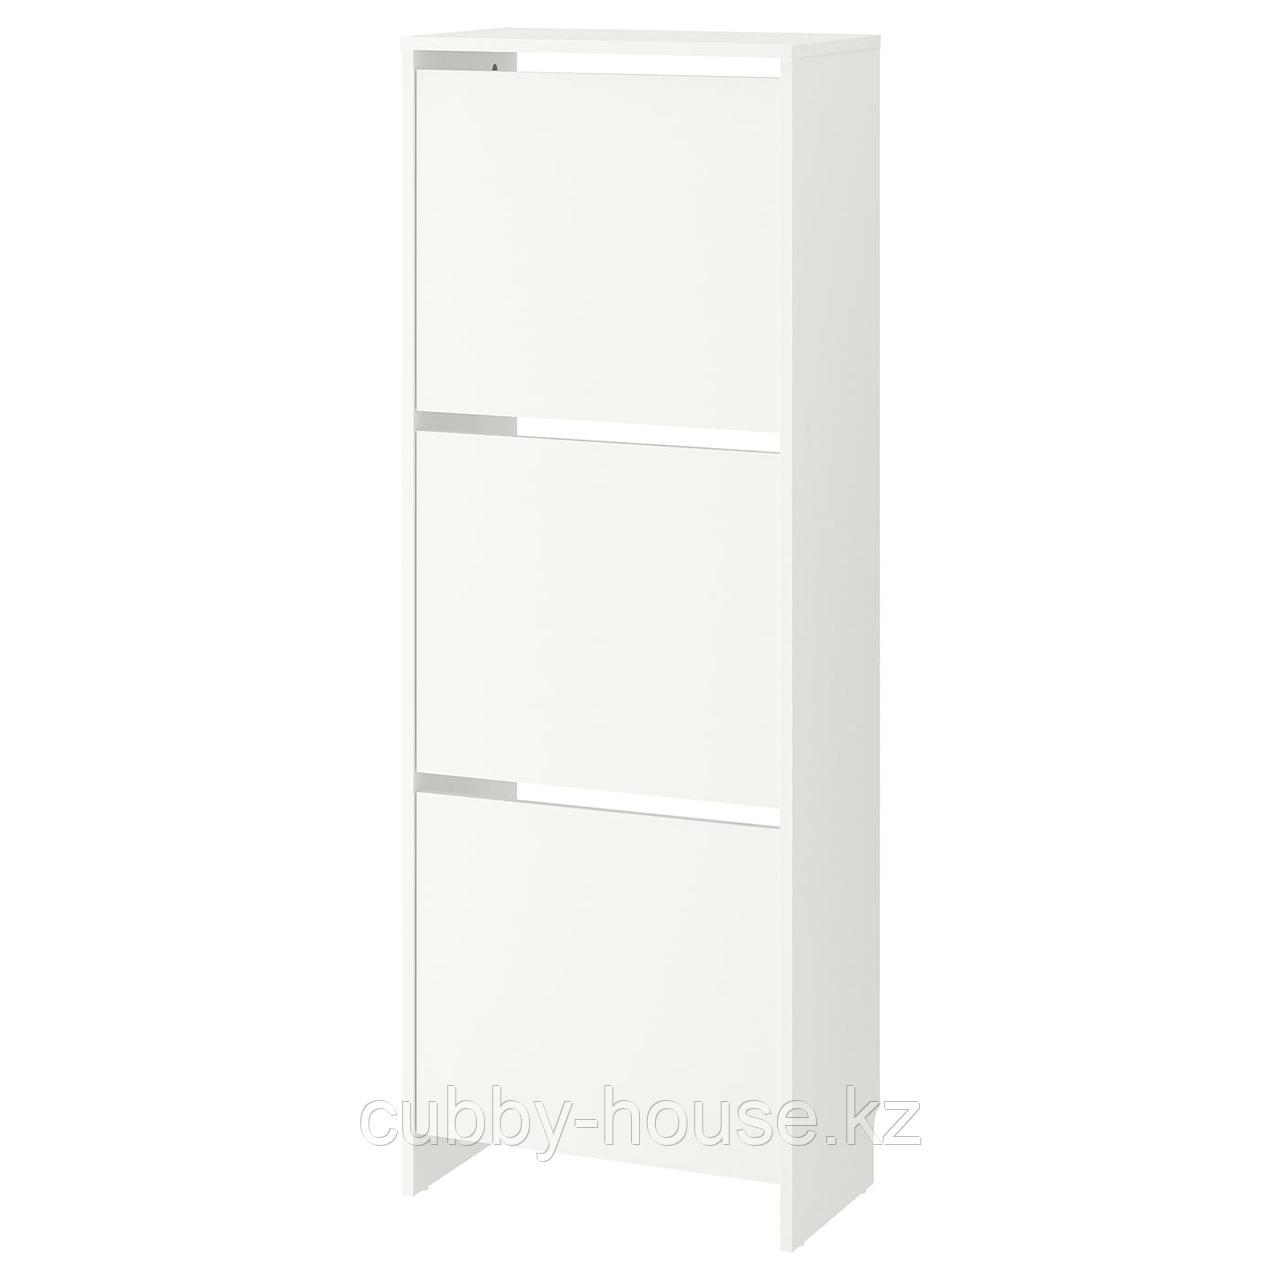 БИССА Галошница,3 отделения, белый, 49x135 см